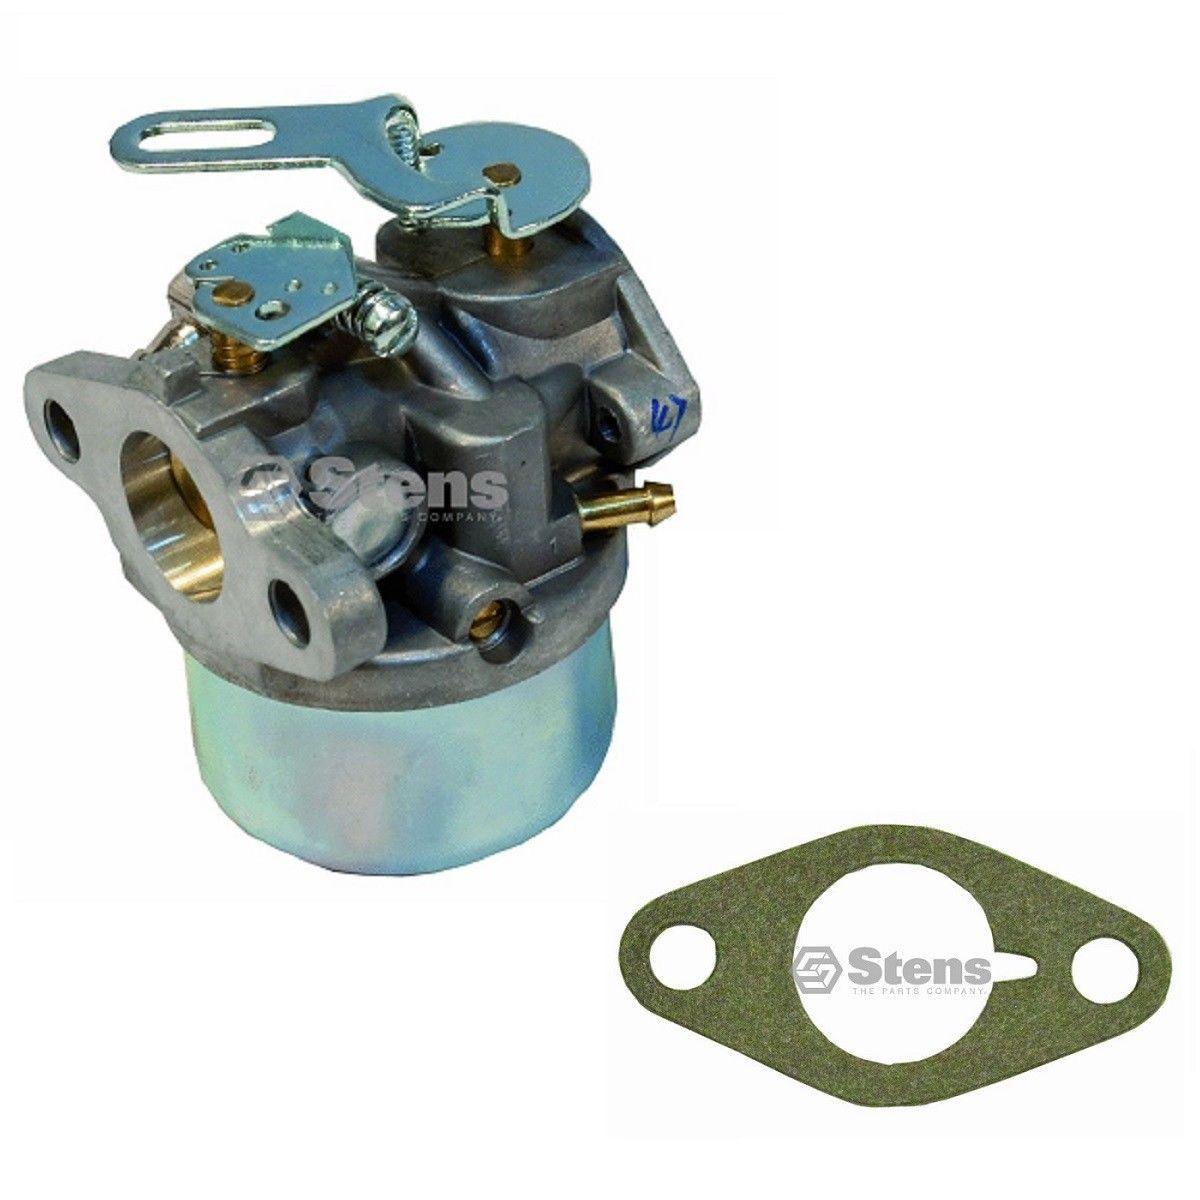 Carburetor fits Tecumseh 640084 640084A 640084B 632107 632107A Carb Snow Blower